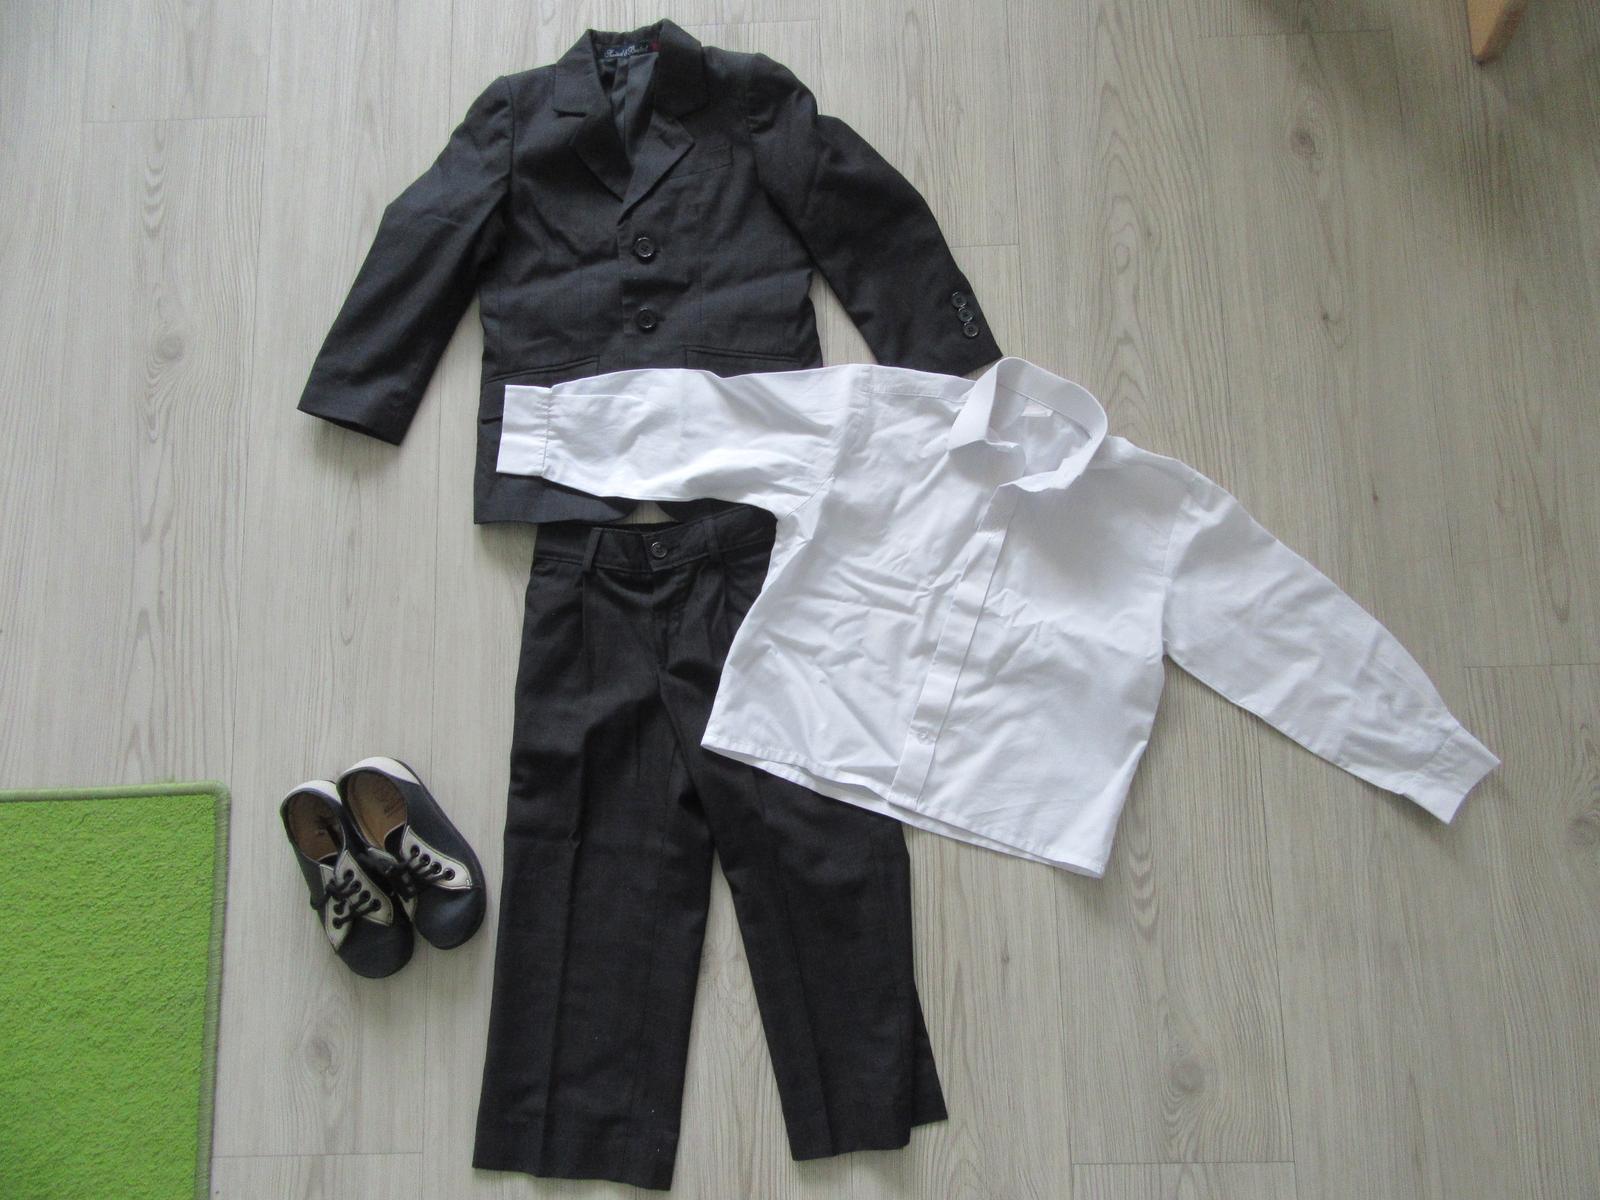 Dětský oblek a boty vel 98 - Obrázek č. 1